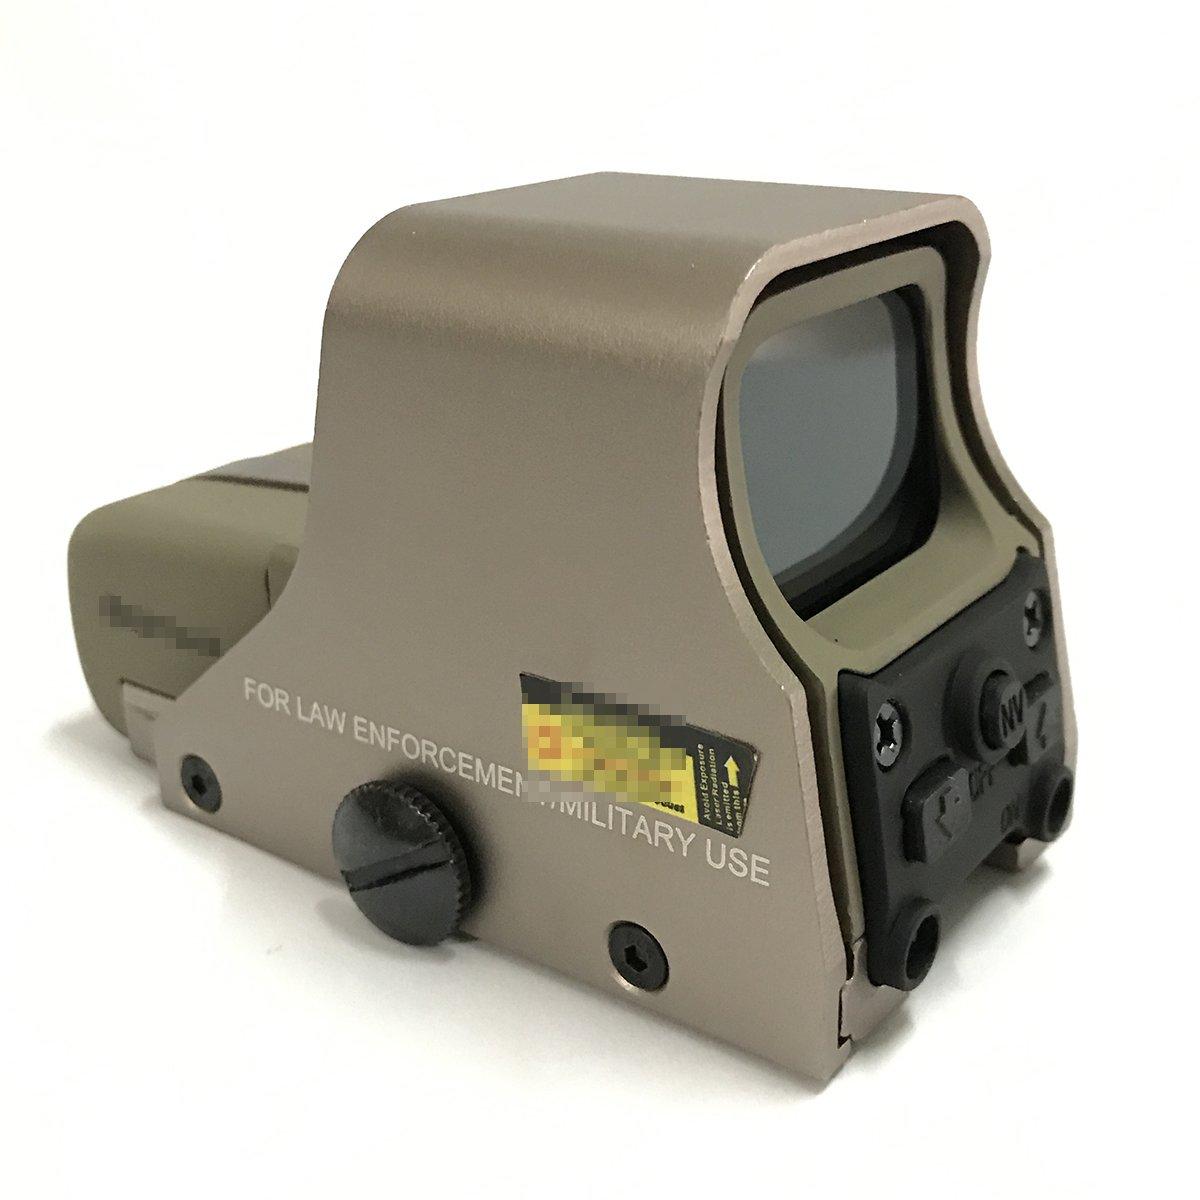 GD Punto rojo y verde Tactical Airsoft 551 Rifle Scope Sight 10 Levels Brillo Se adapta a cualquier riel de 20 mm